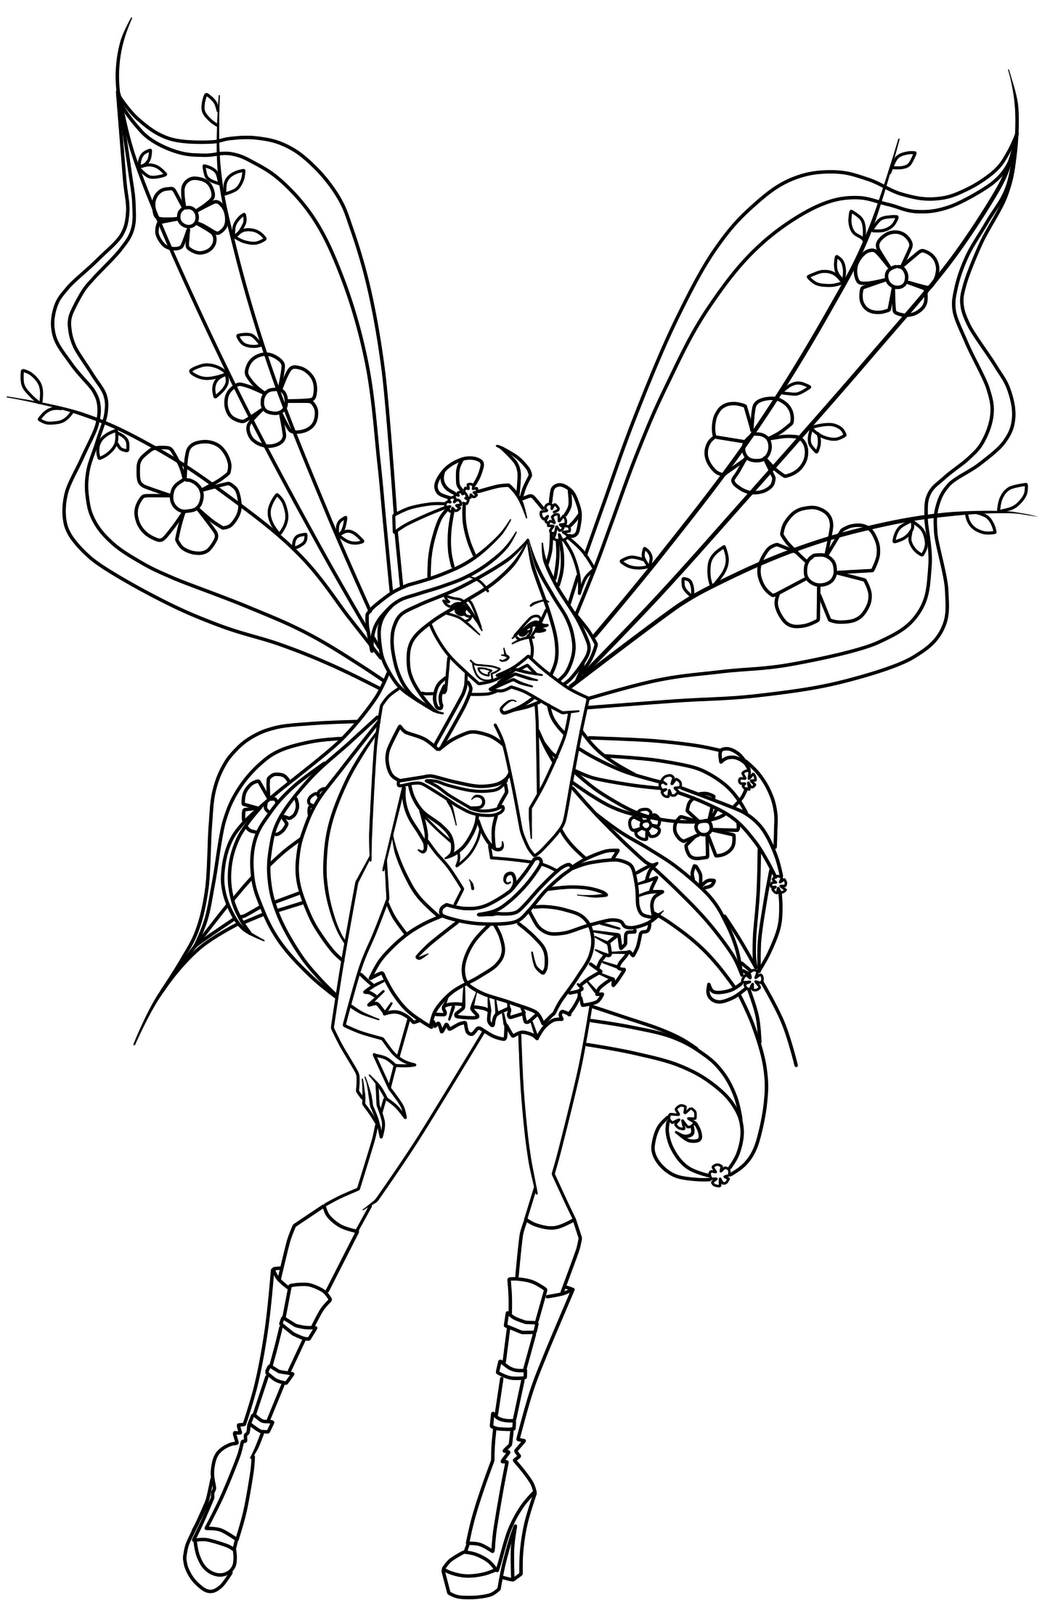 Dla Dziewczynek Kolorowanki Winx Kolorowanka Winx Dla Dziewczynek Fairy Coloring Pages Fairy Coloring Book Fairy Coloring